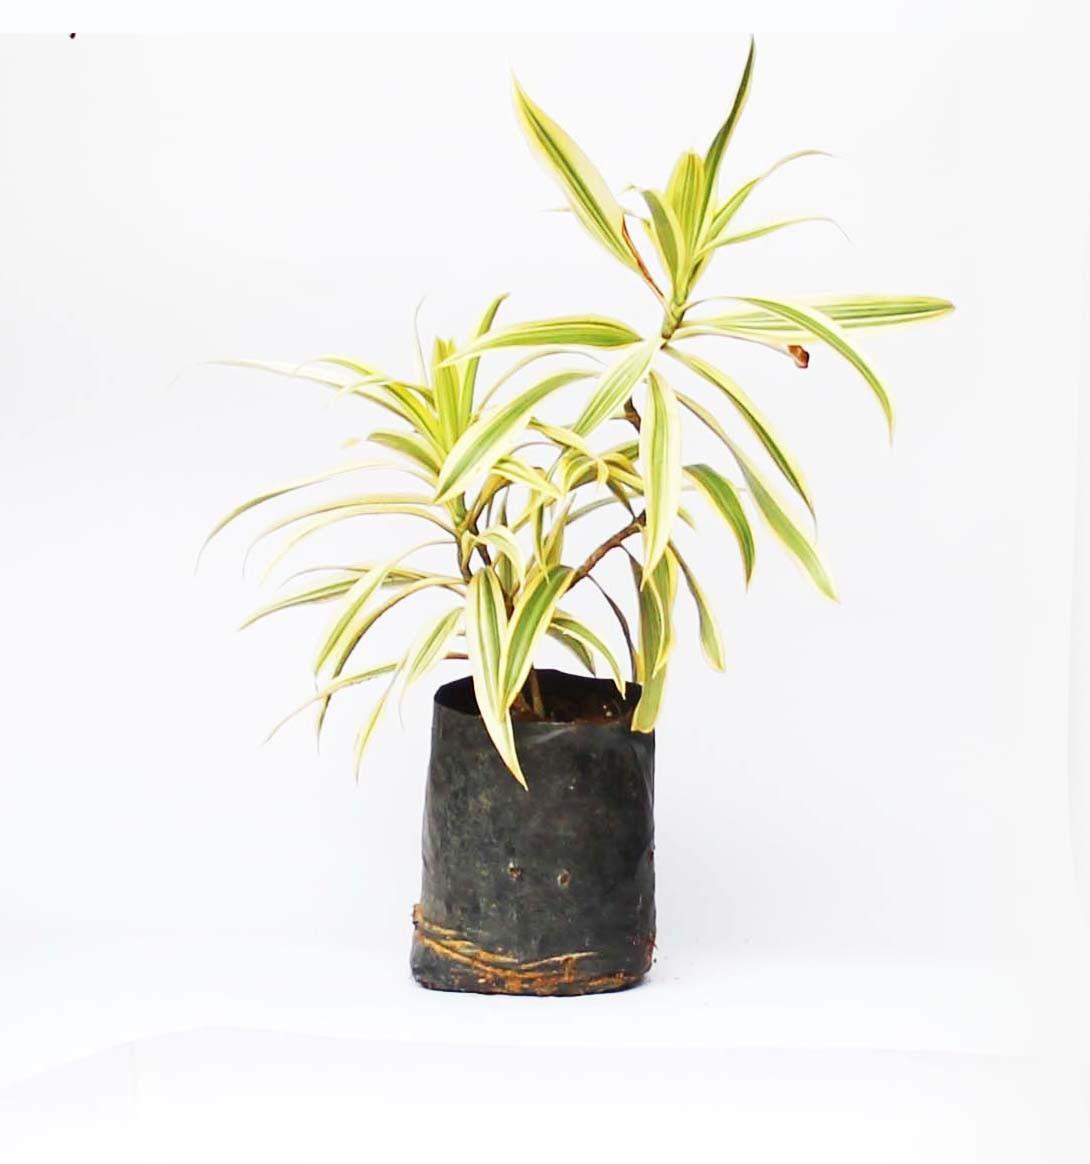 Dieffenbachia (Dumb-cane)